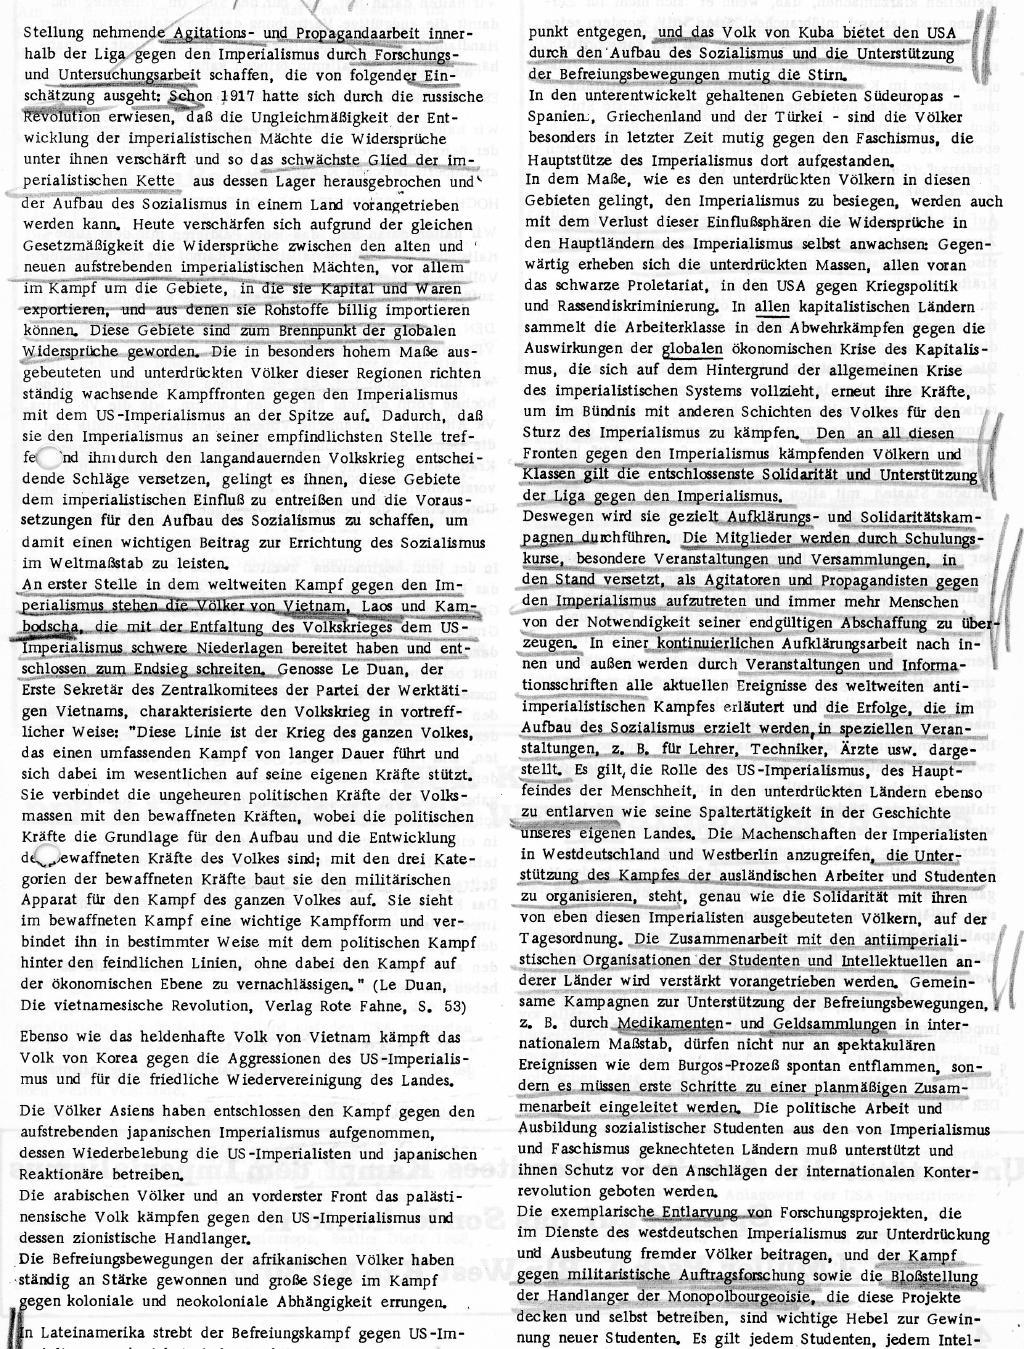 RPK_1971_117_03